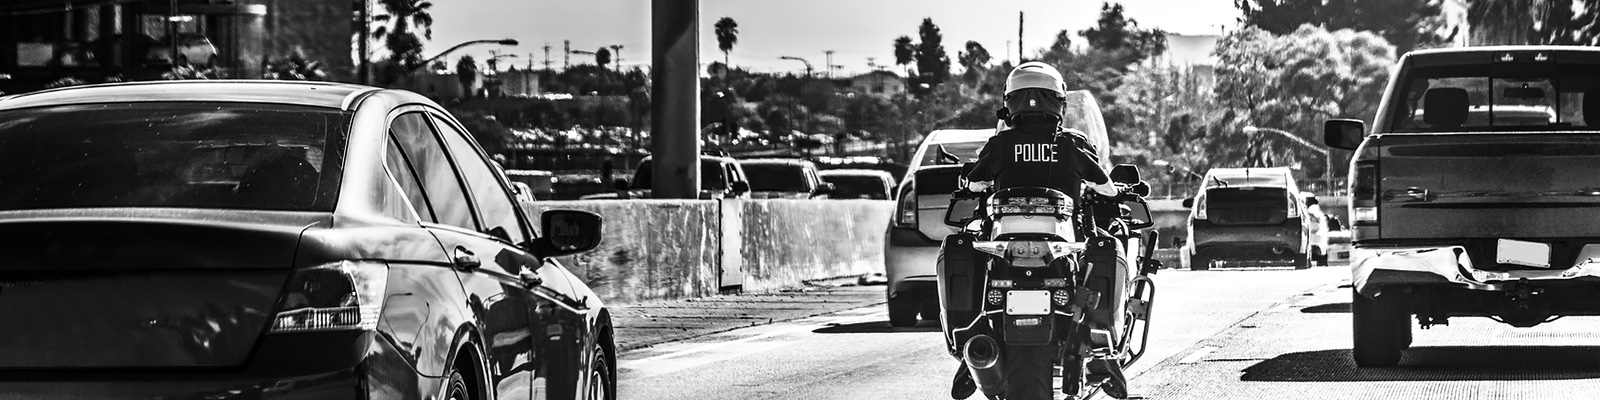 交通 警察 イメージ